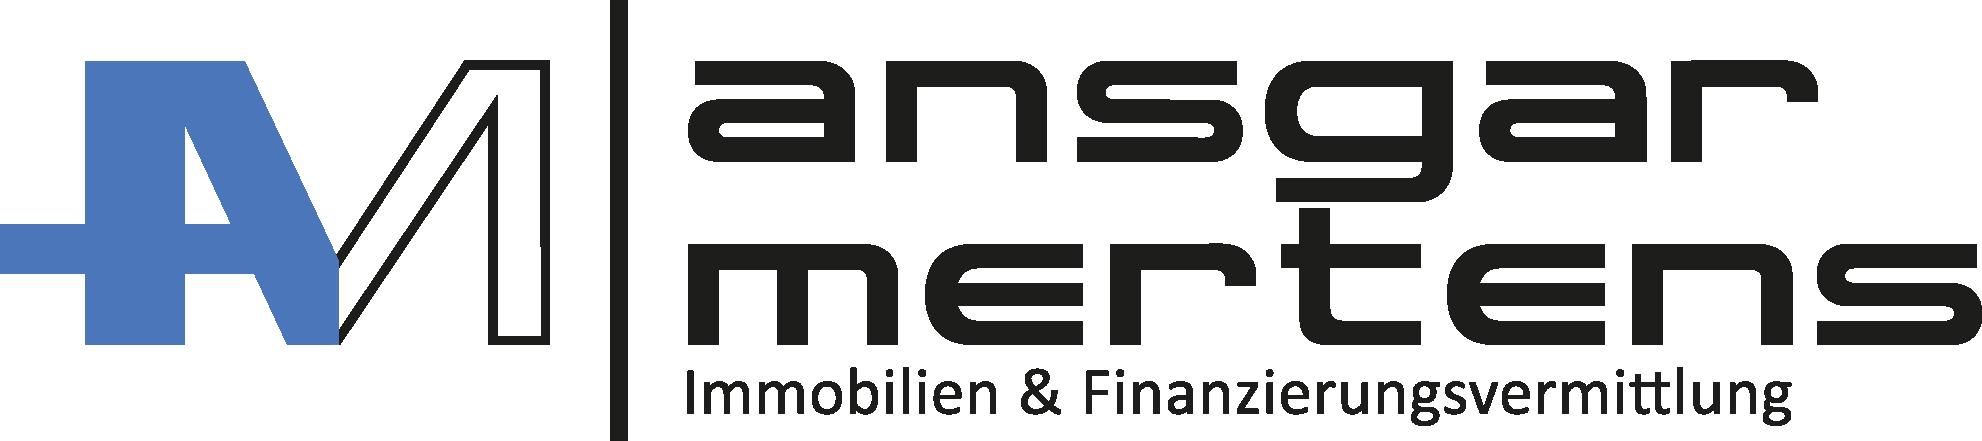 Ansgar Mertens – Immobilien & Finanzierungsvermittlung